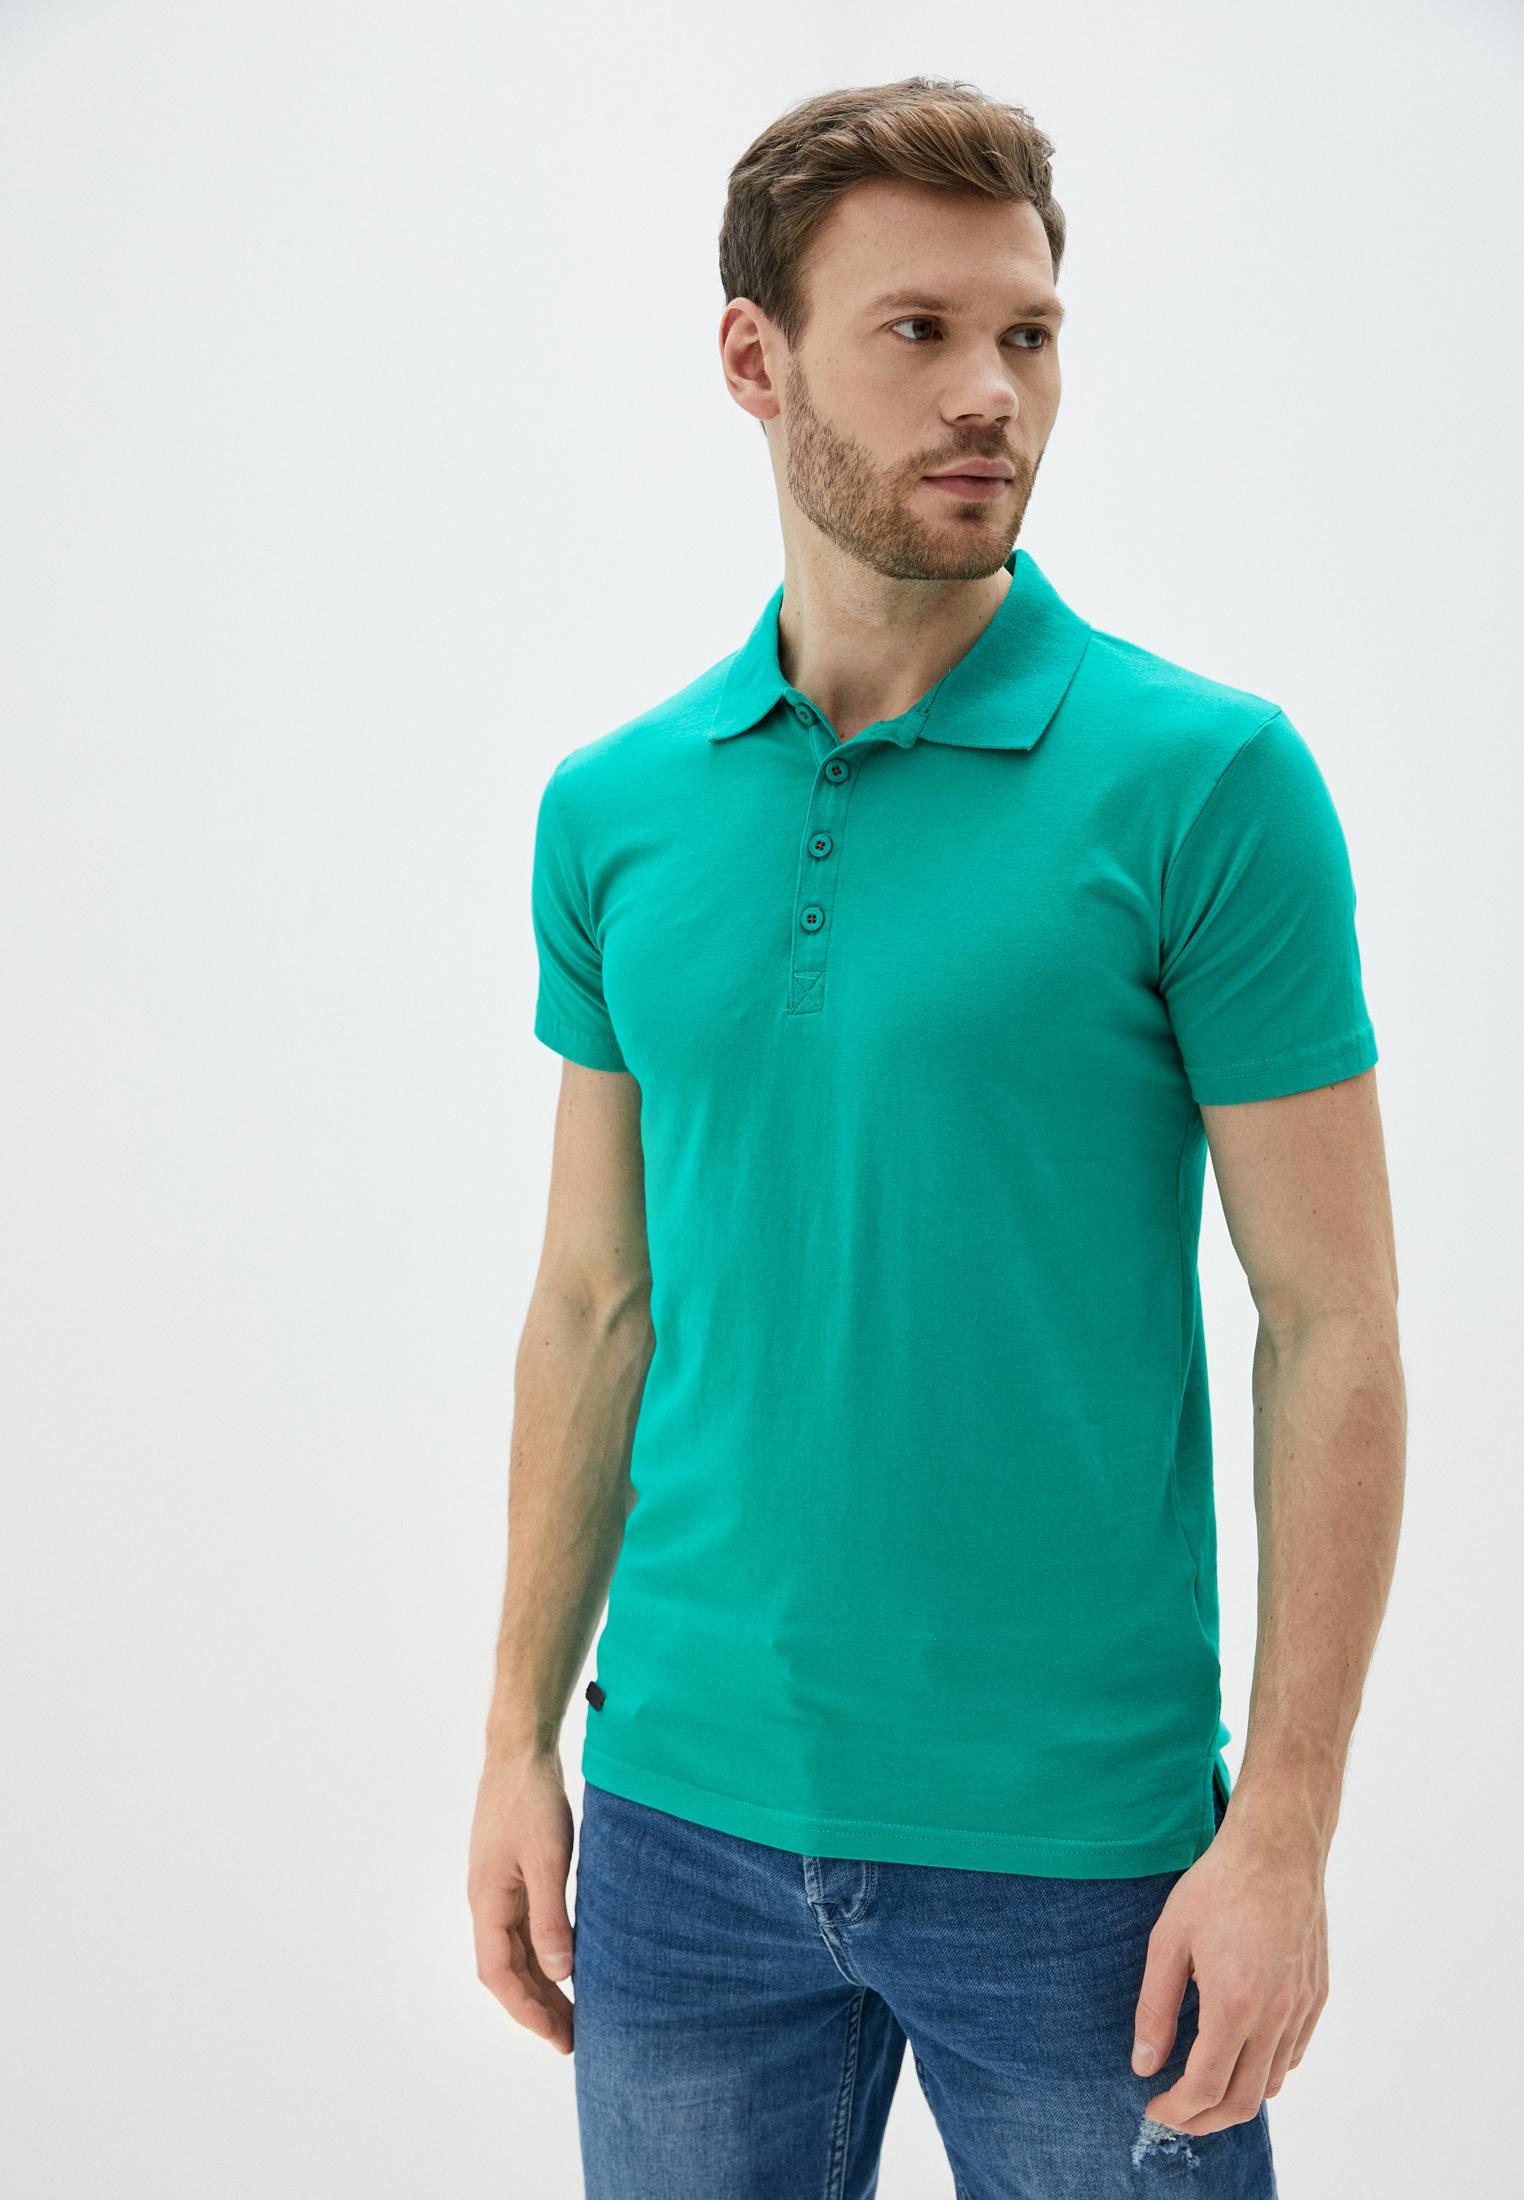 картинки мужские футболки и поло хотят, чтобы